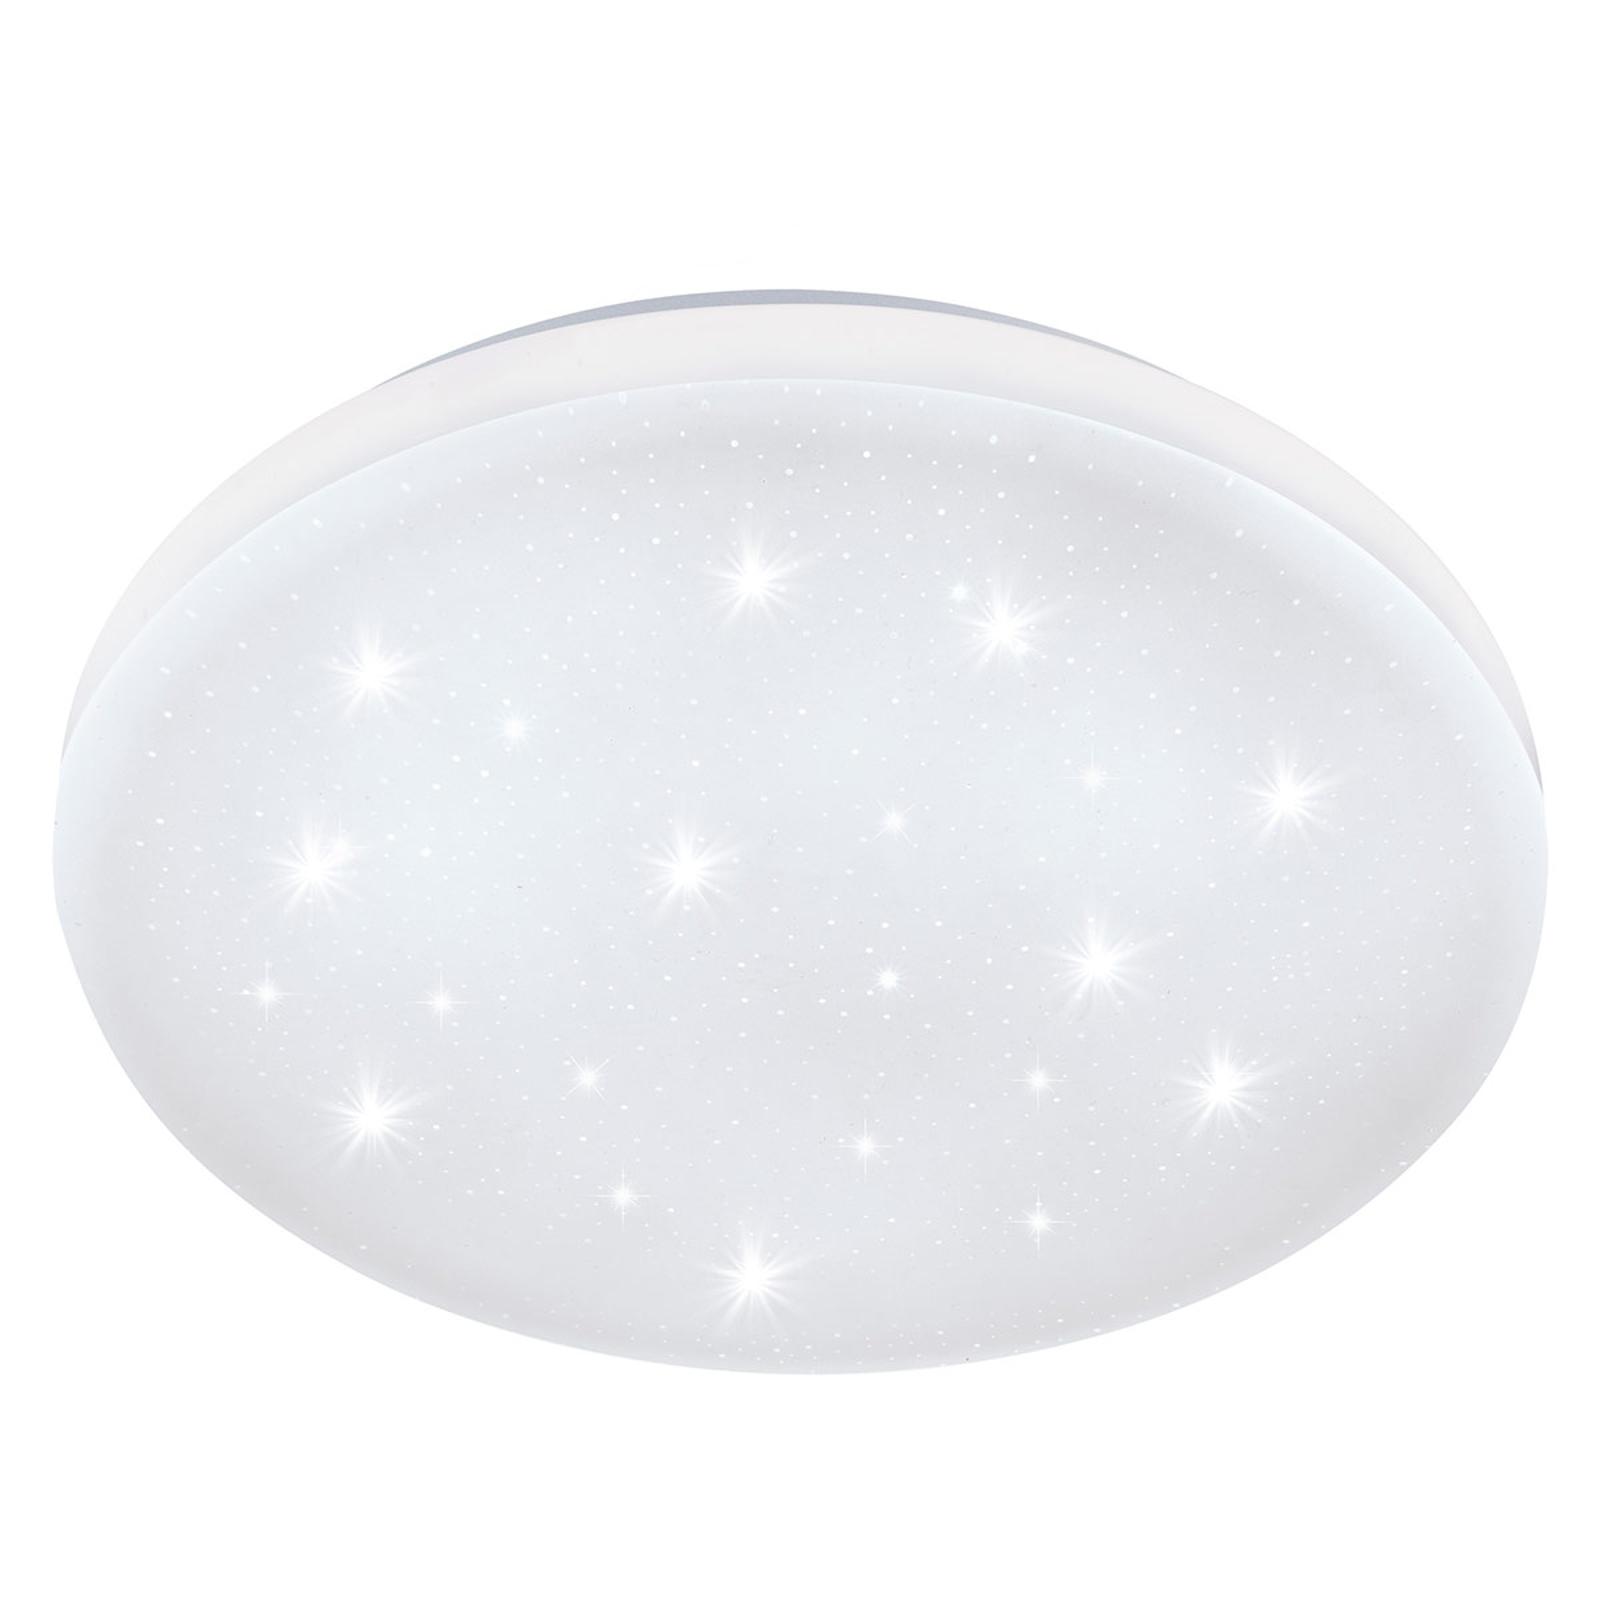 LED-taklampe Frania-S med krystalleffekt Ø 43 cm